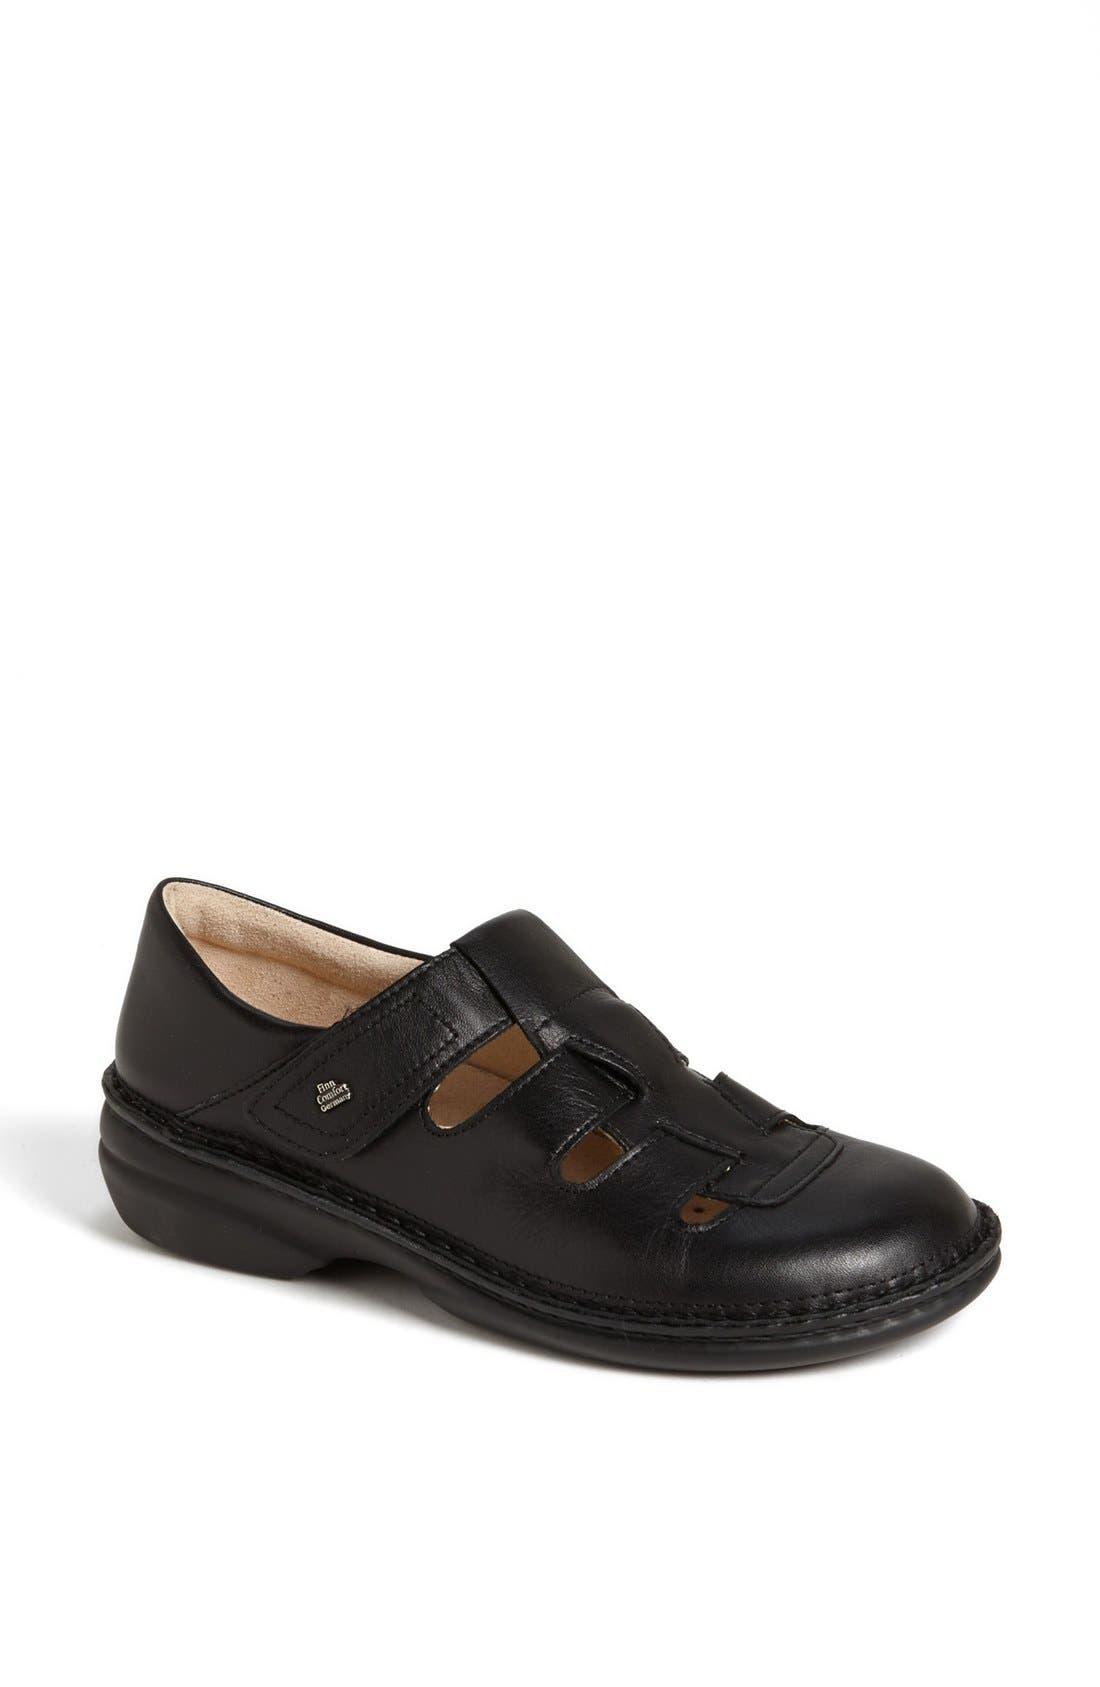 Main Image - Finn Comfort 'Quebec' Sandal